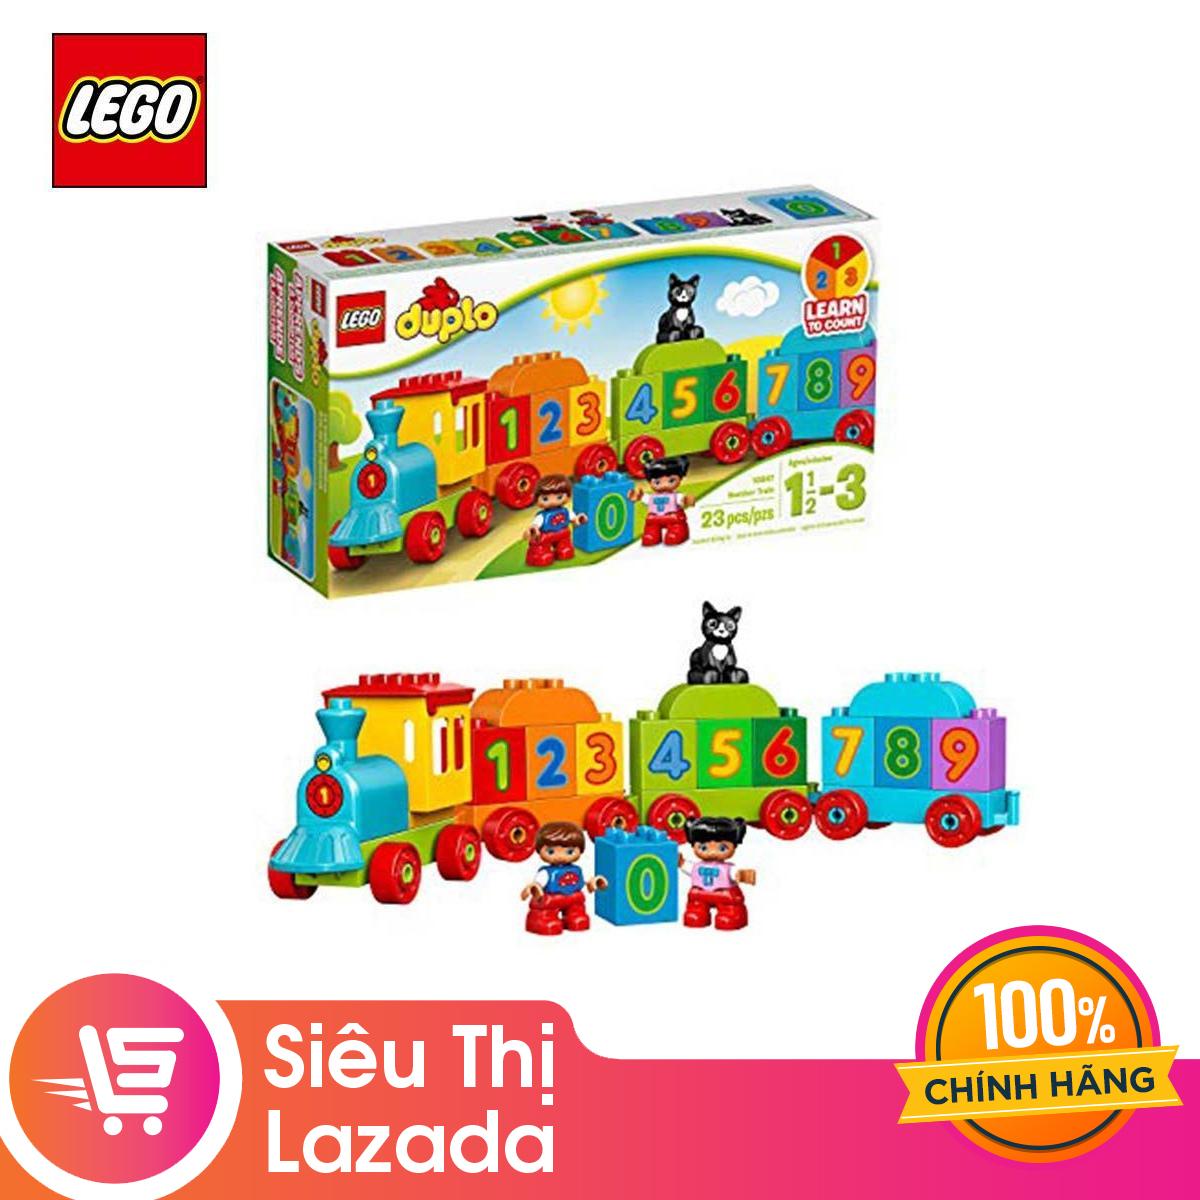 [Voucher Freeship 30k]Đồ Chơi Lắp Ráp Lego Tàu Lửa Học Số Mới Bất Ngờ Ưu Đãi Giá